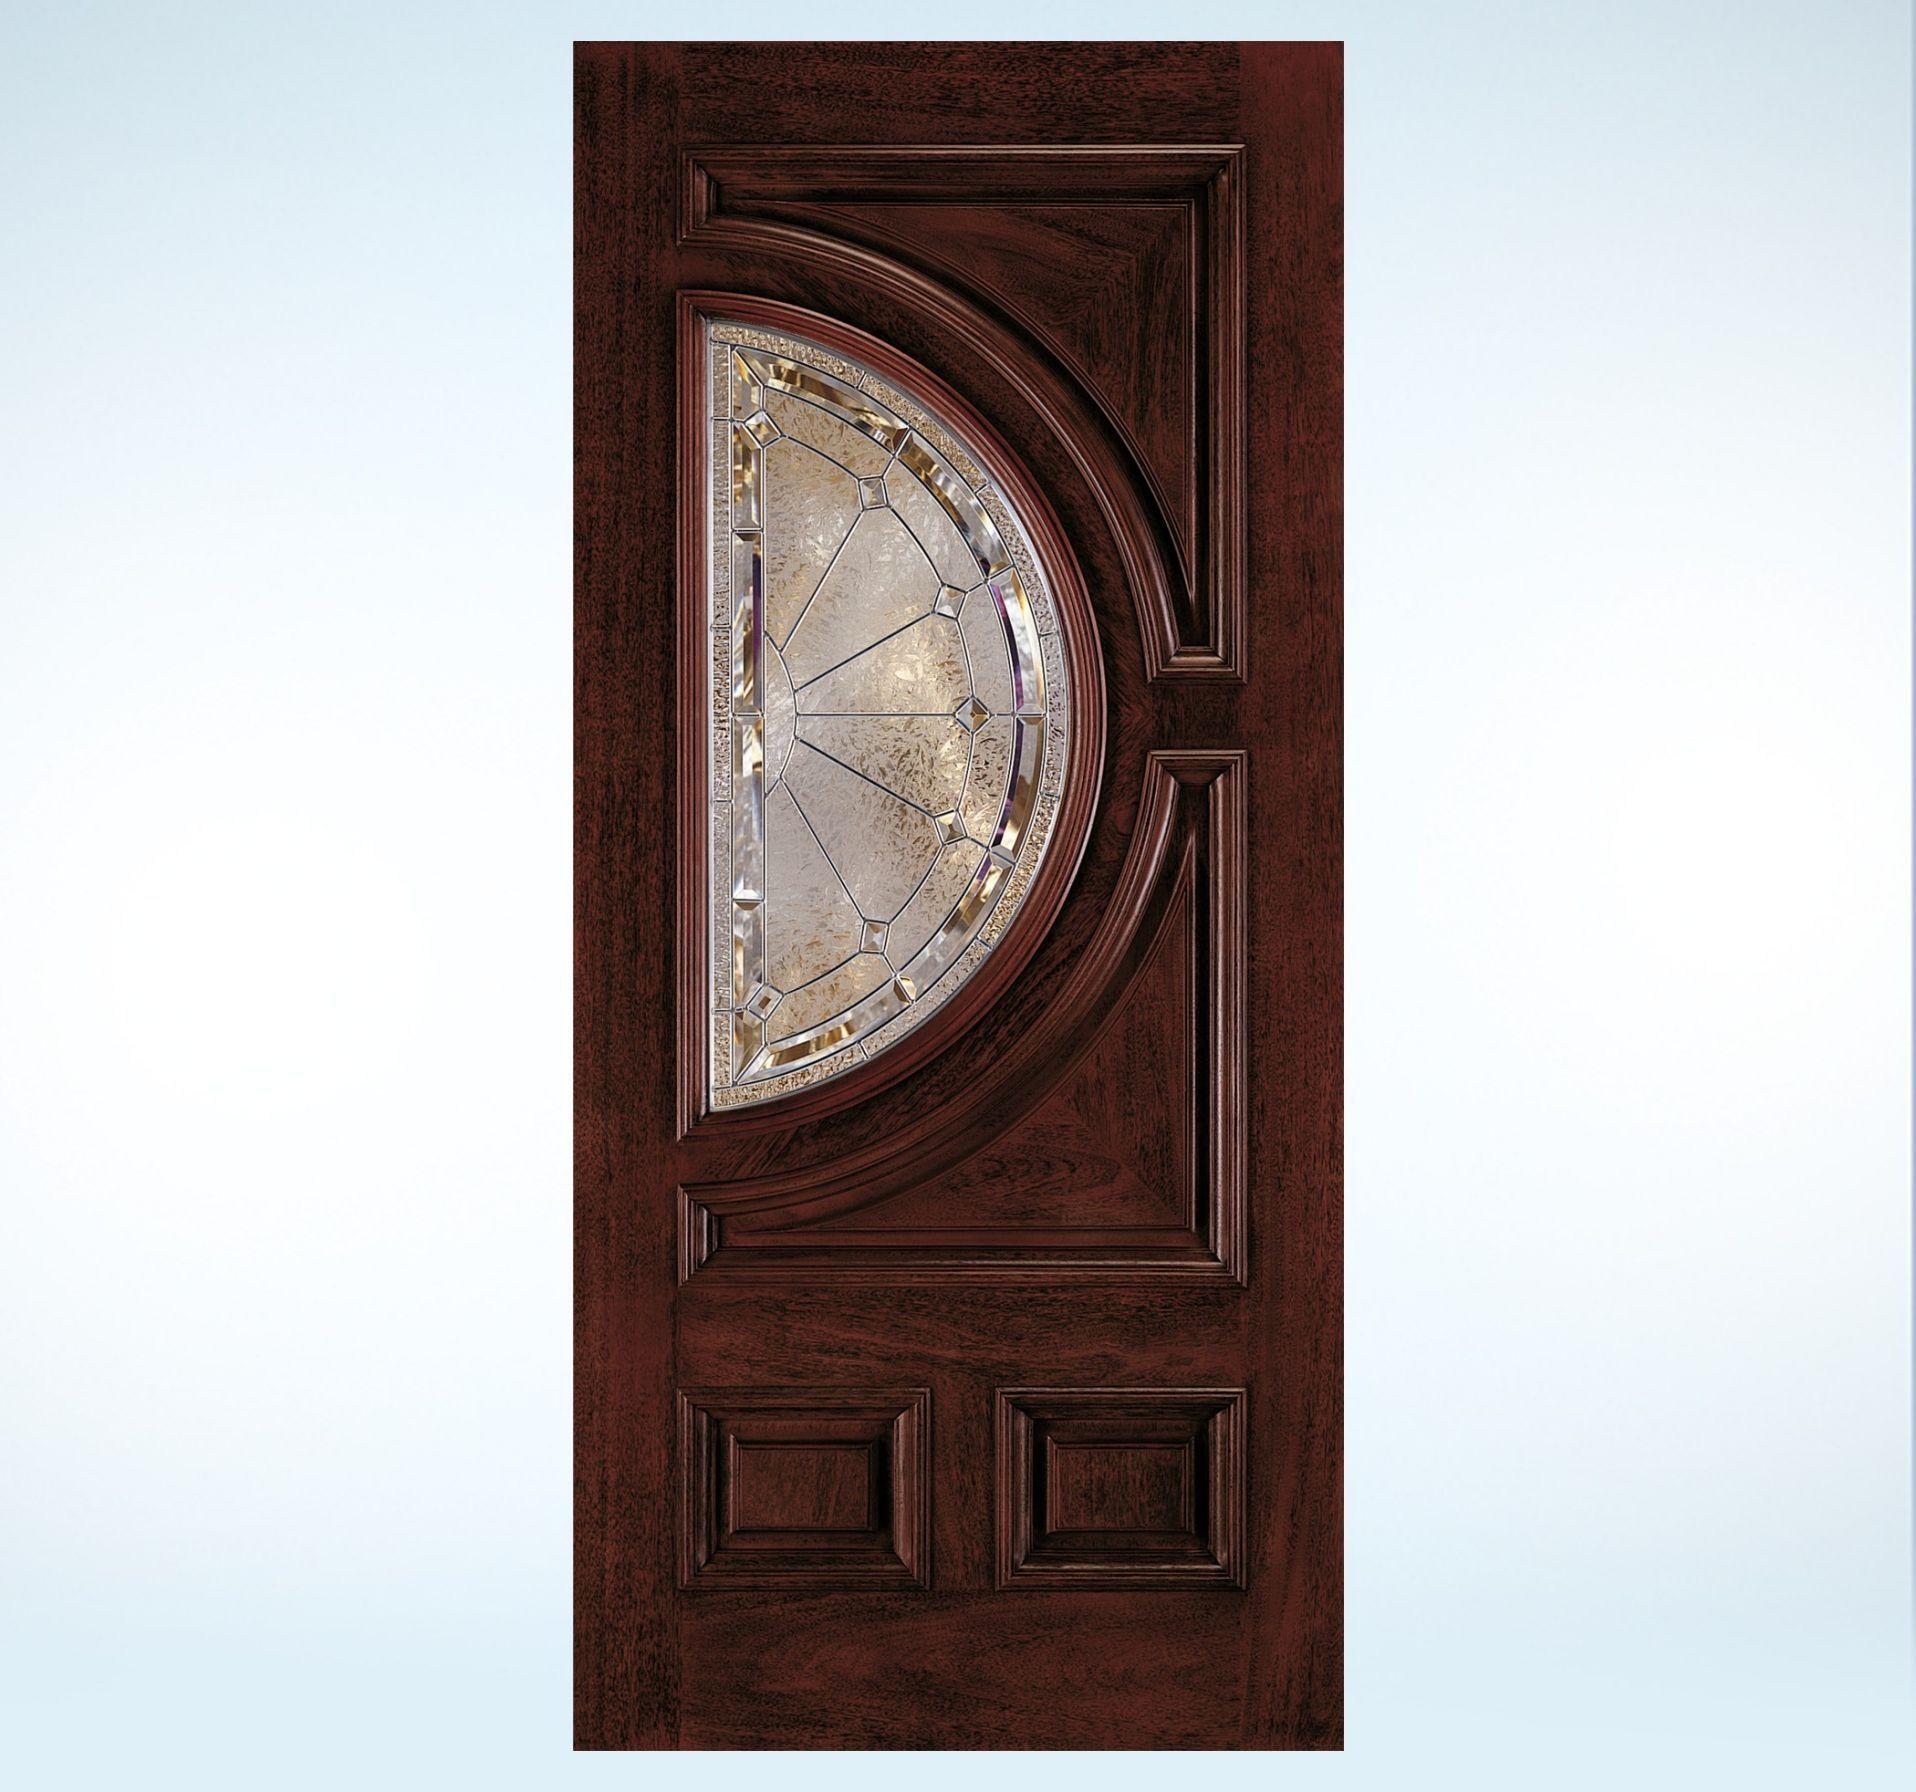 Aurora Custom Fiberglass Glass Panel Exterior Door Antique Wall Clock Energy Efficient Door Wall Clock